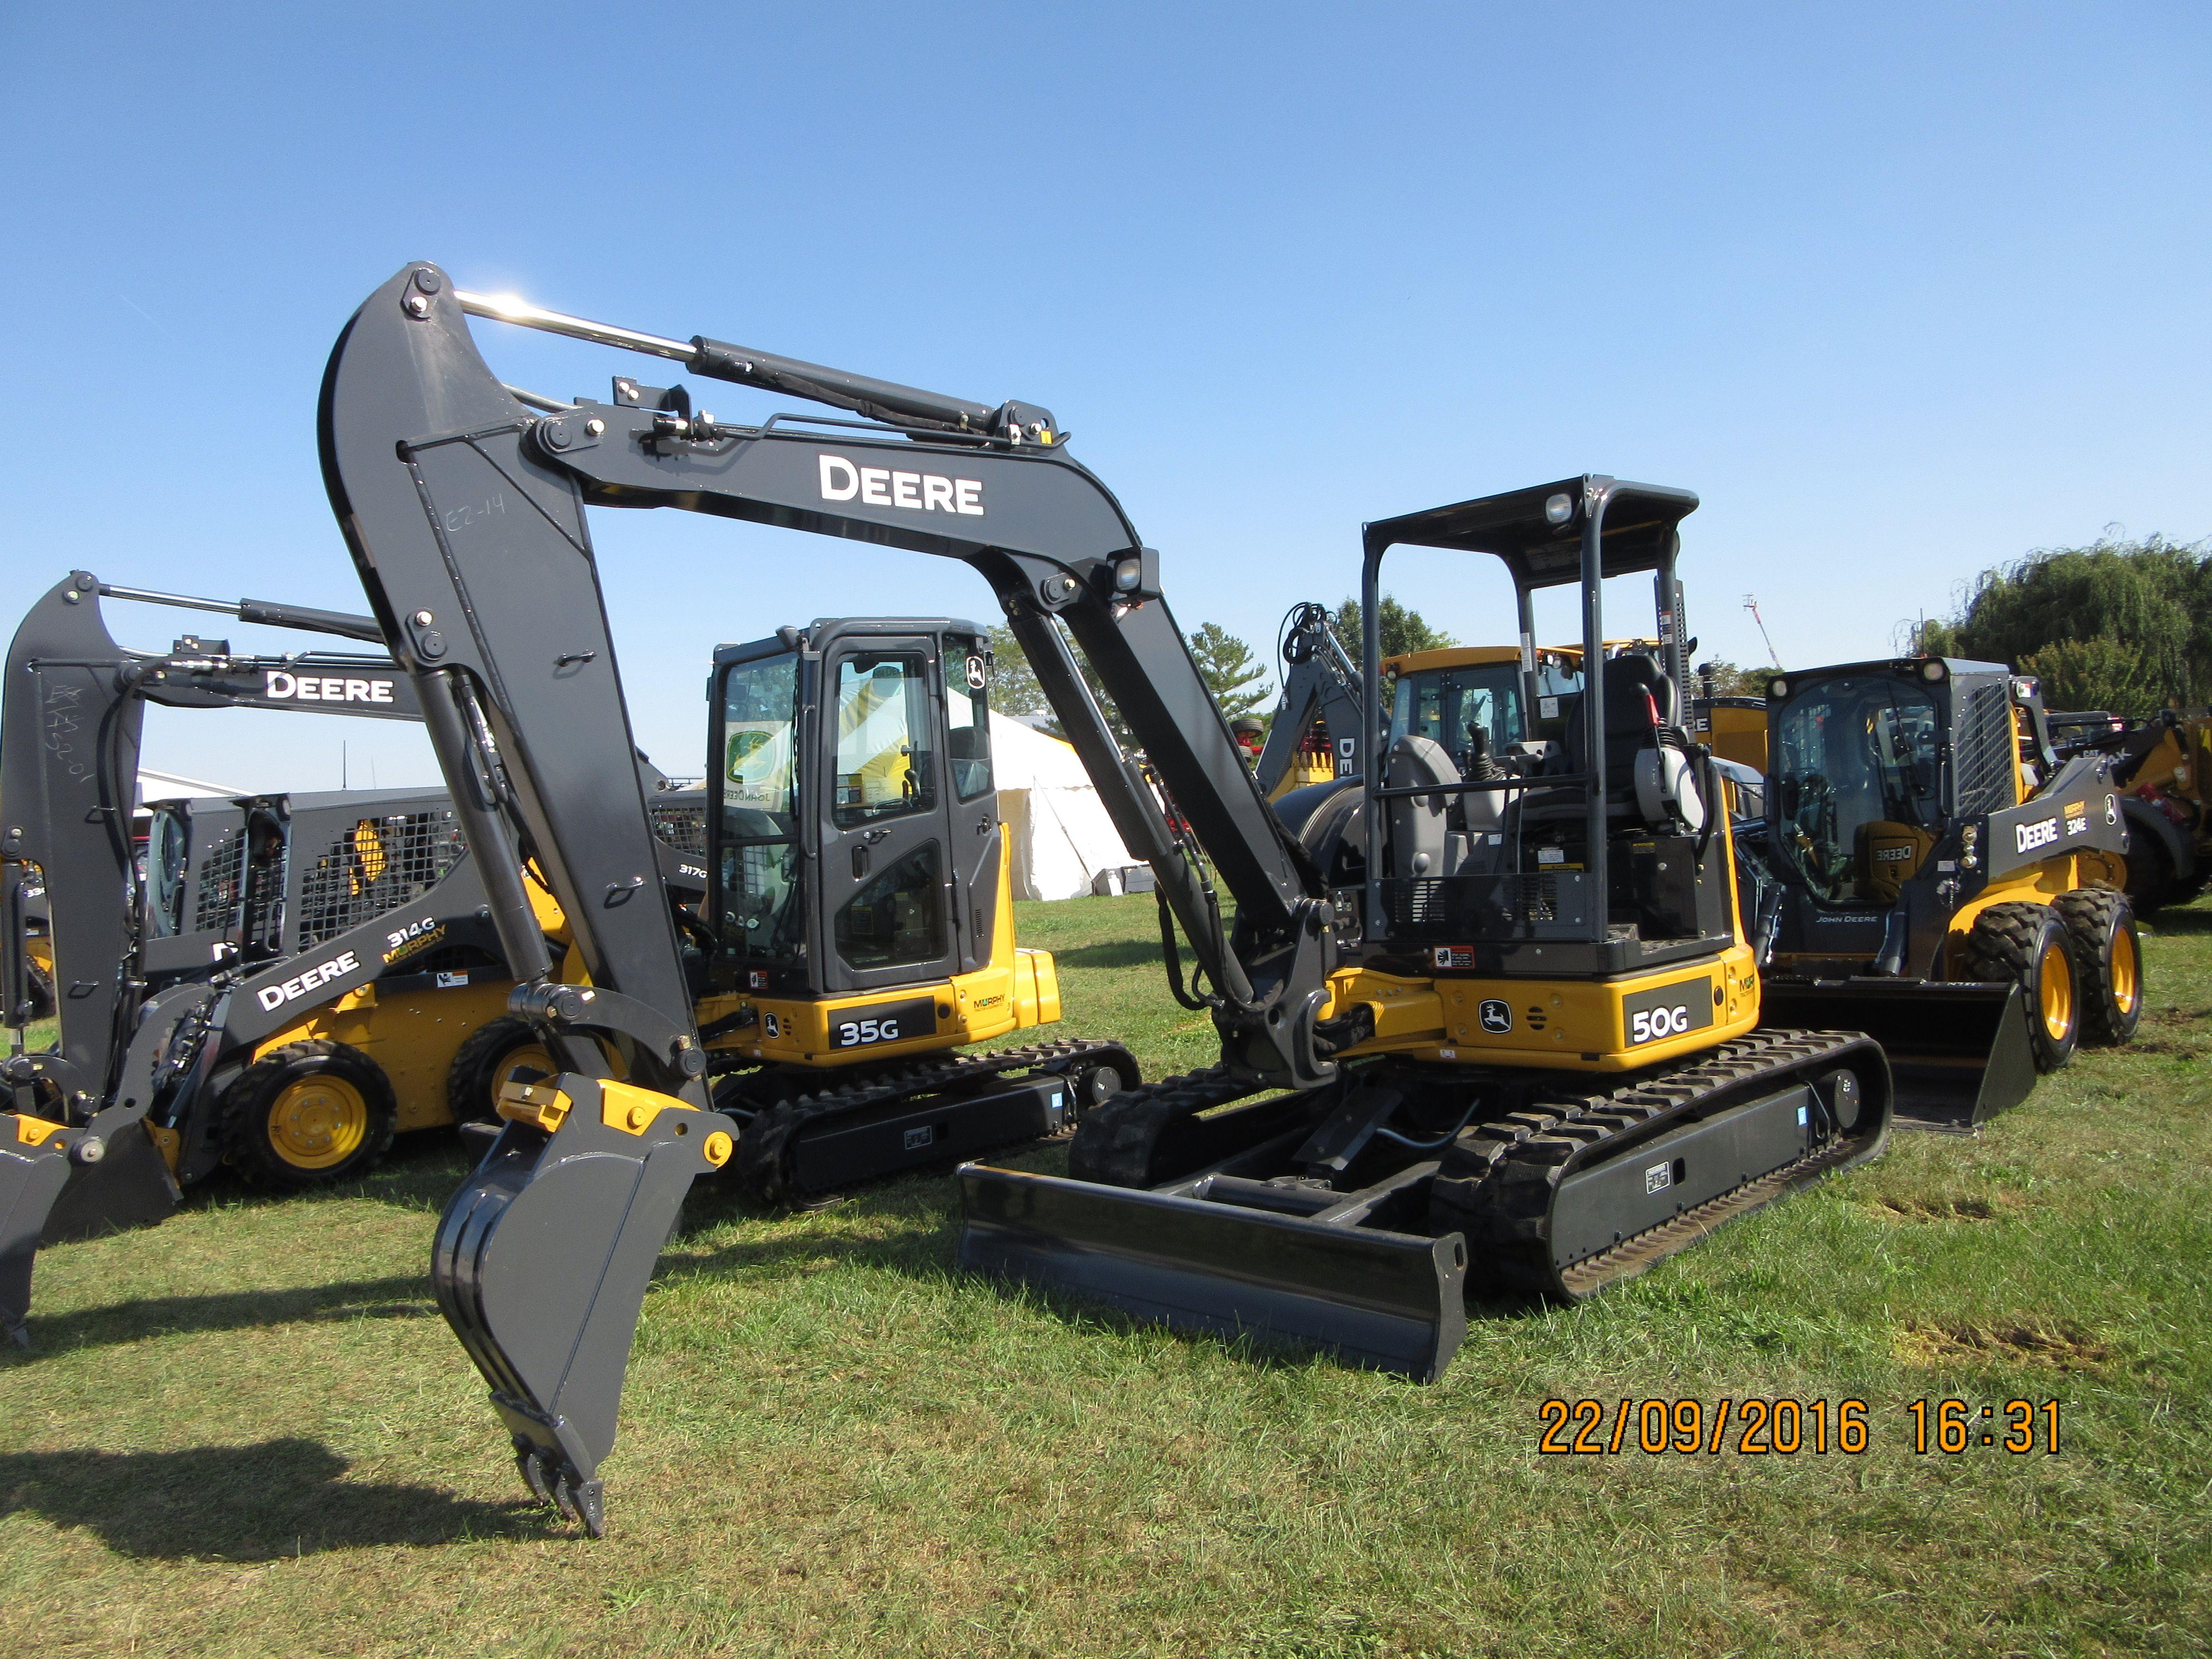 John Deere 50G | John Deere CE-my pictures | Tractors, Vehicles